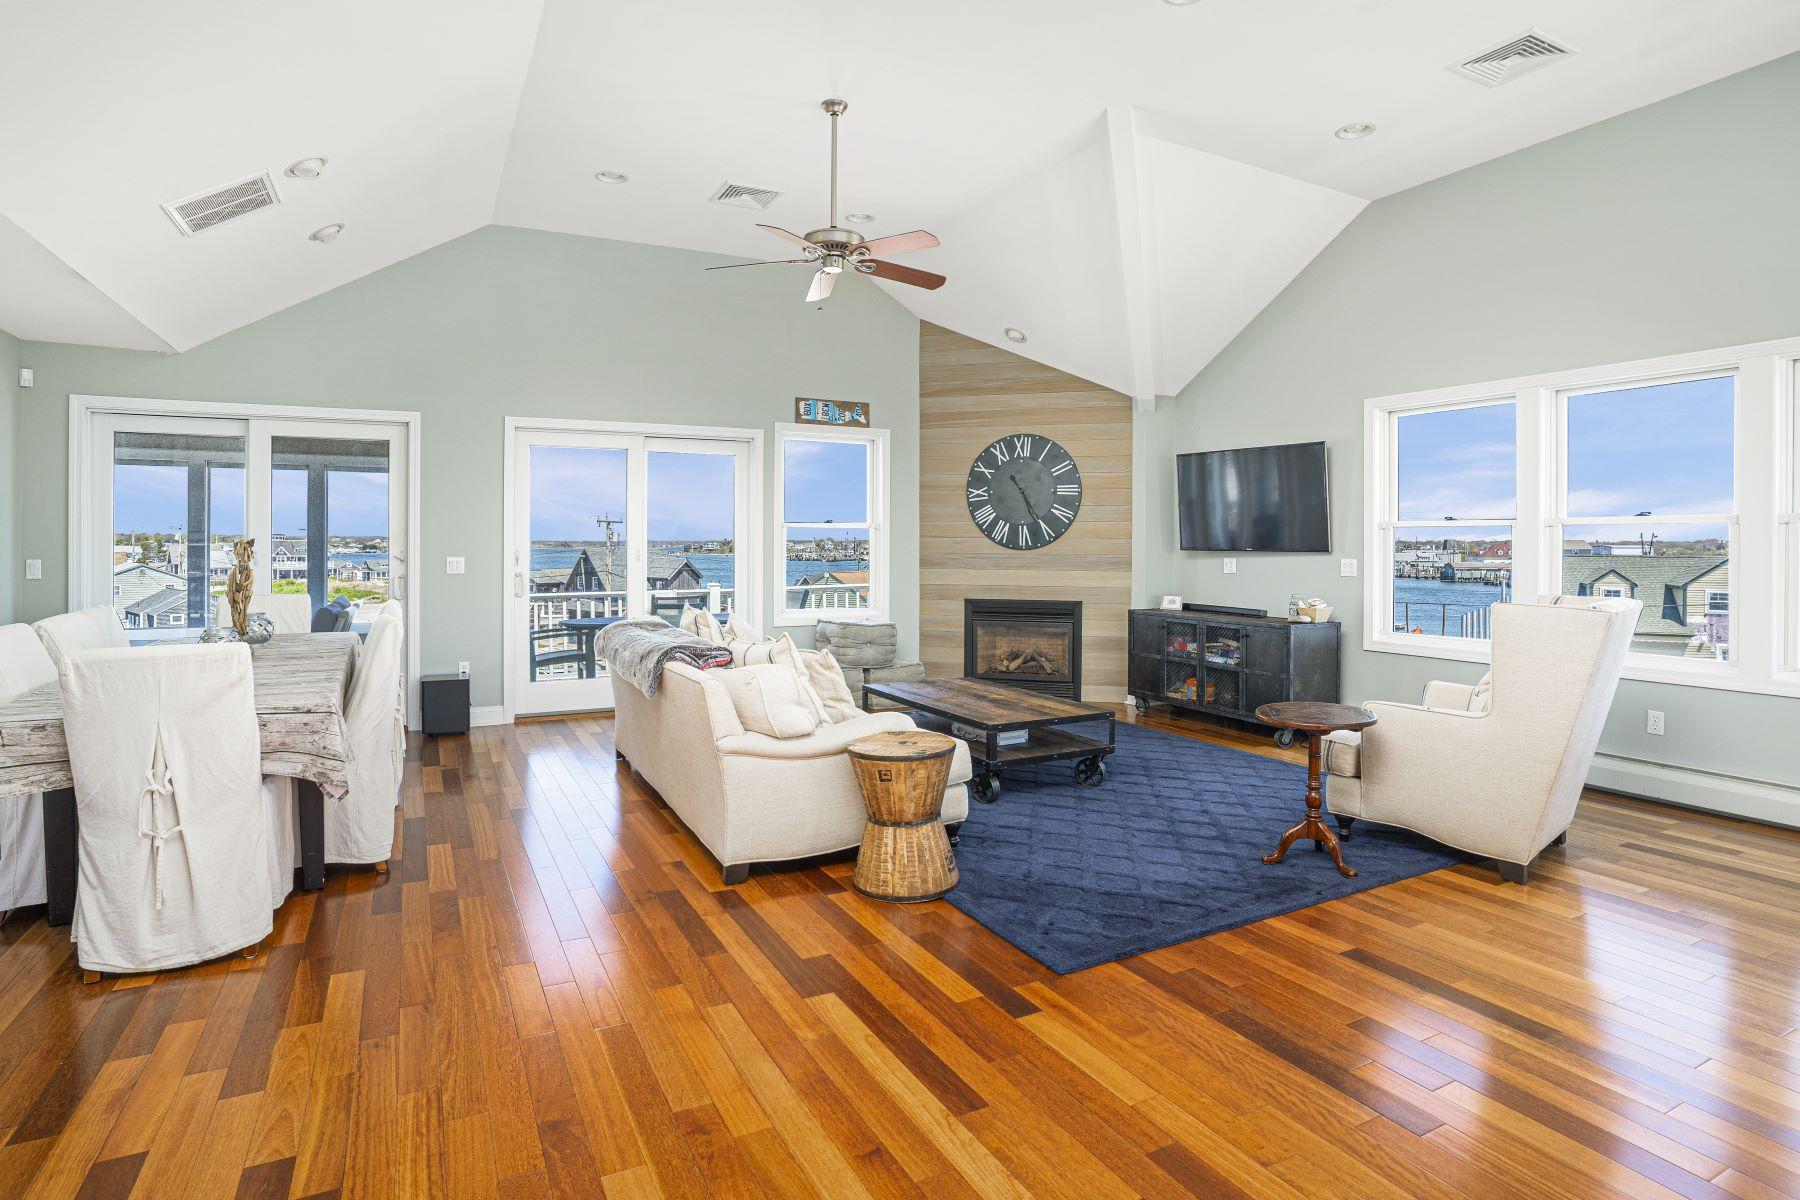 for Rent at 1148 Succotash Road, Narragansett, RI 1148 Succotash Road Narragansett, Rhode Island 02882 United States